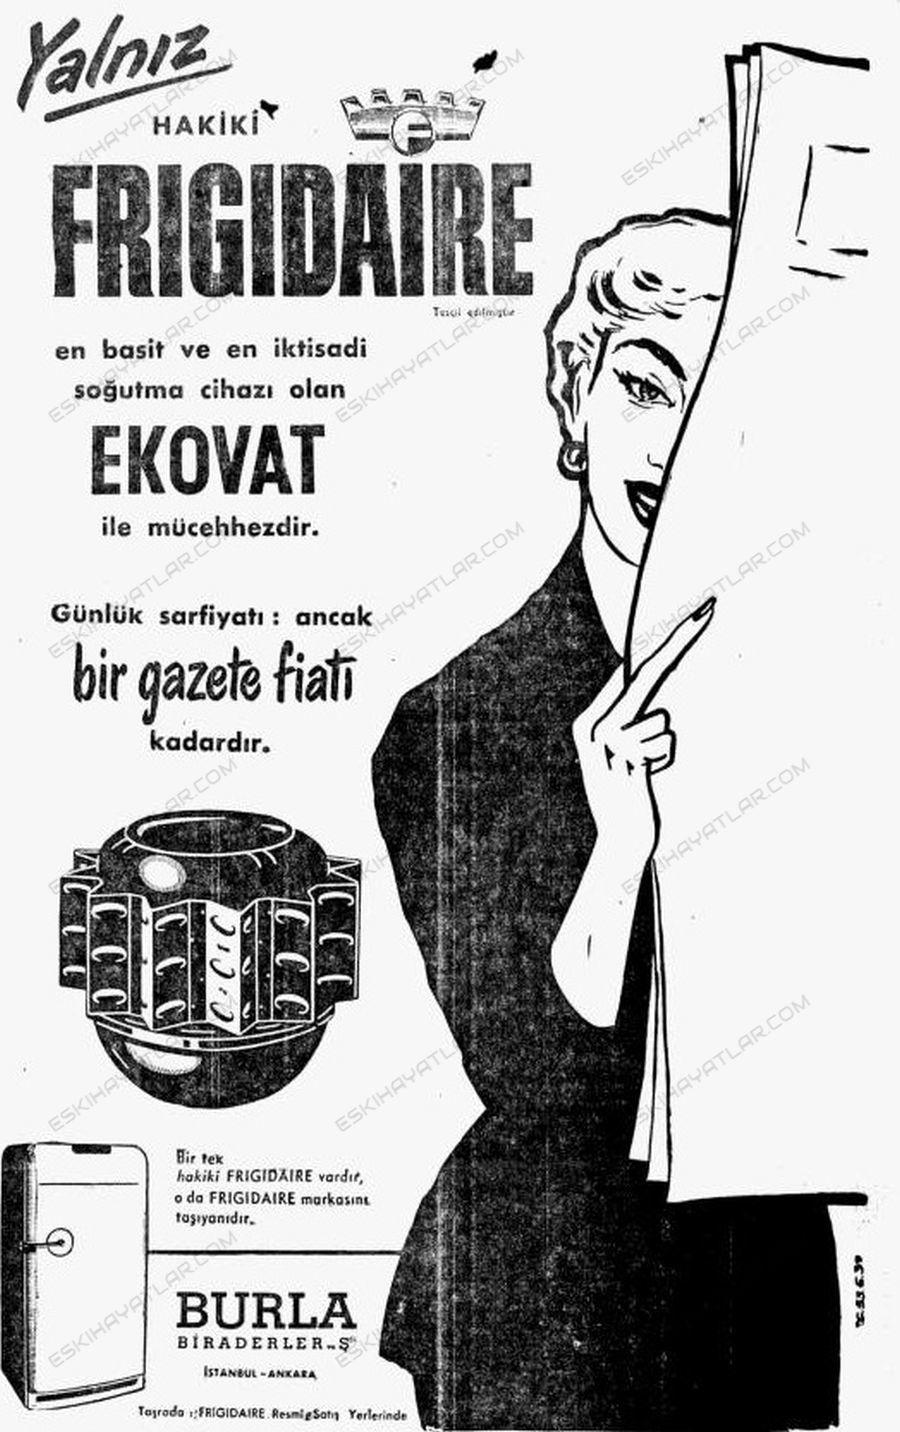 0149-frigidaire-buzdolabi-reklamlari-1953-firijider-burla-biraderler-hakiki-frigidaire